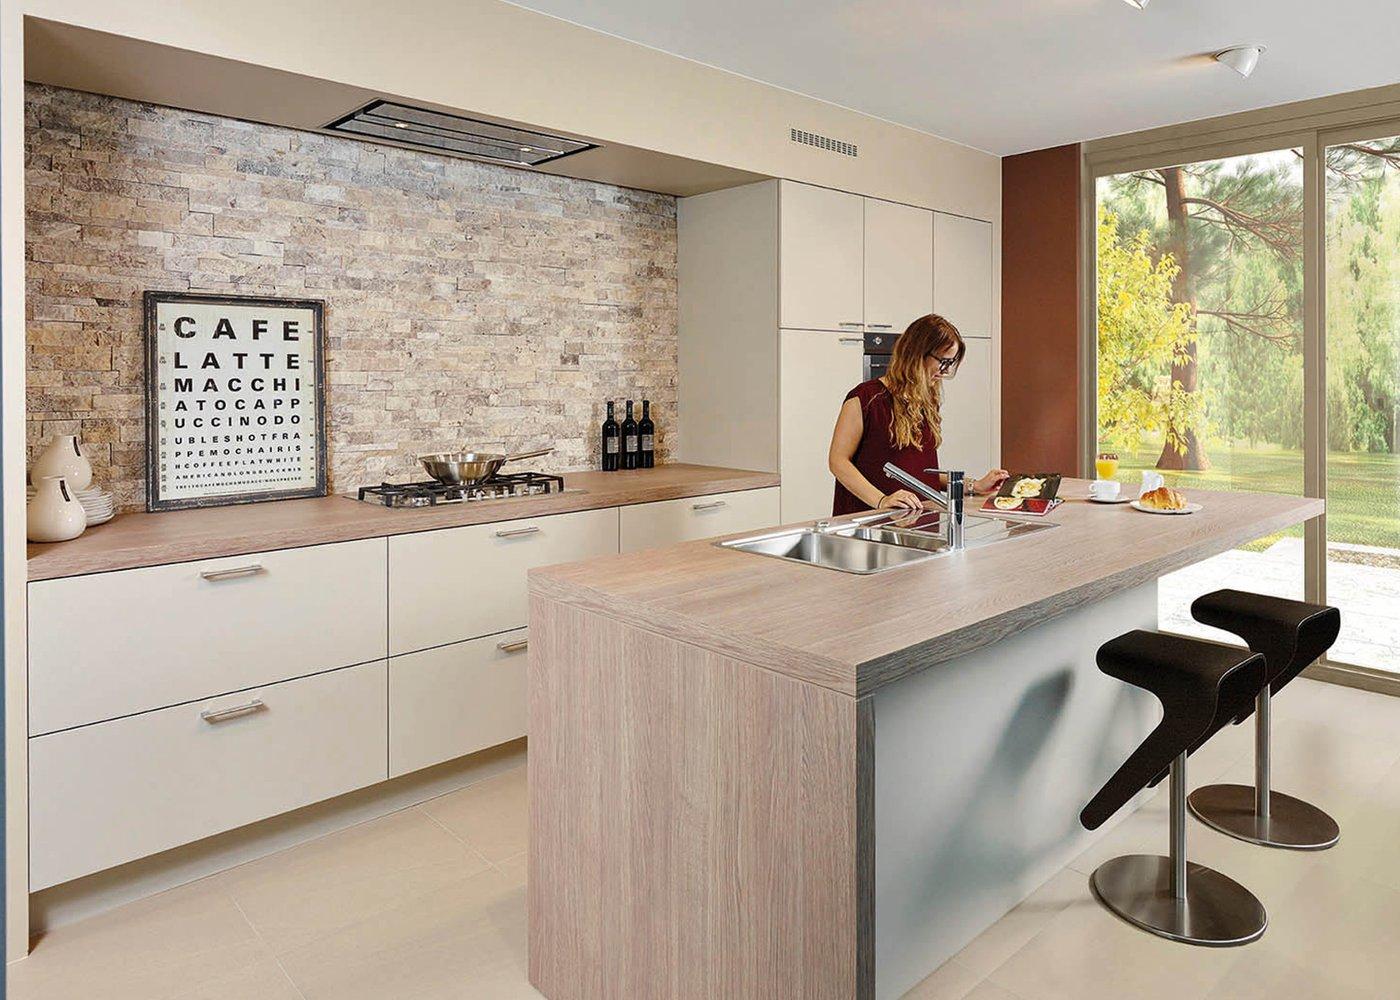 Moderne keuken in laminaat - Model Toronto